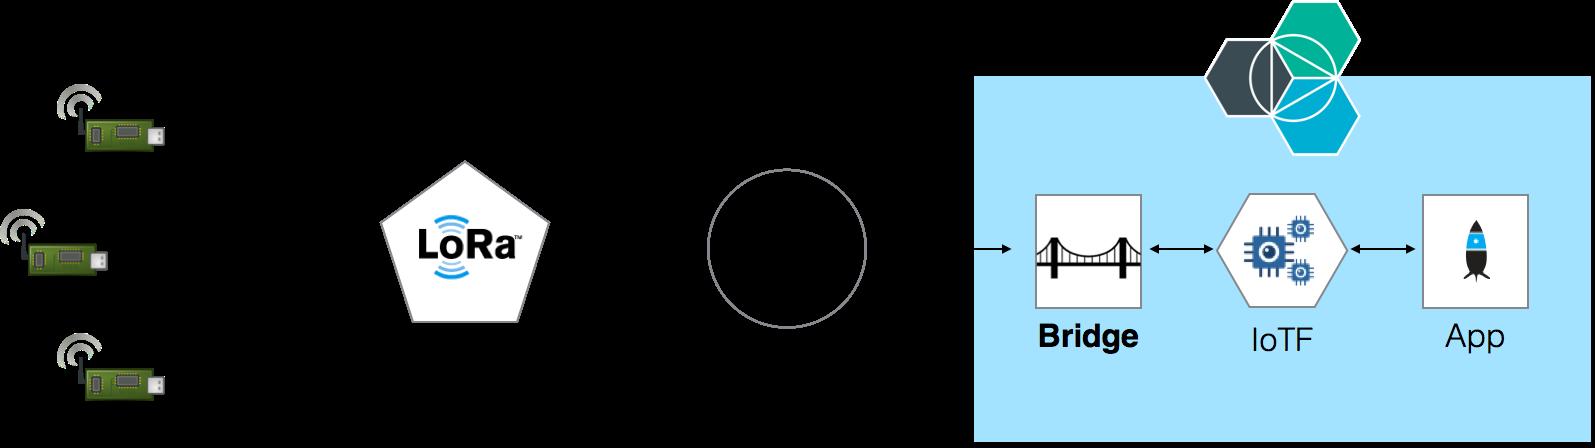 lrsc overview diagram